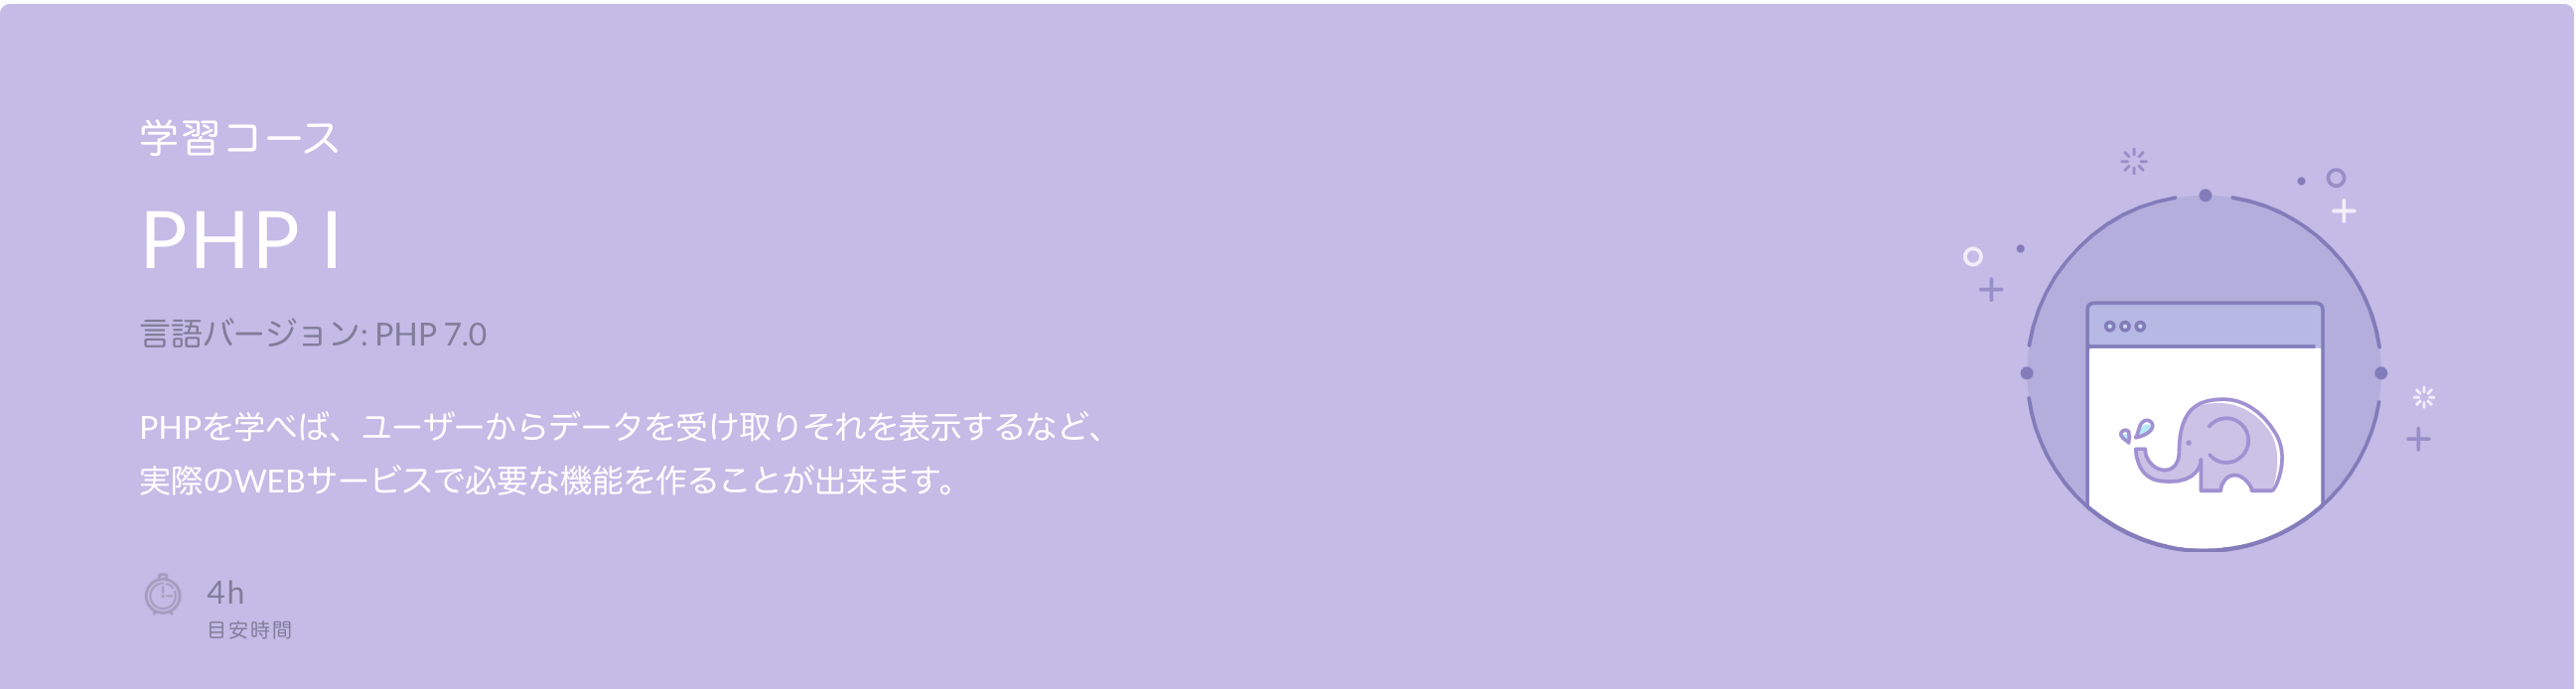 スクリーンショット-2021-08-05-17.31.00